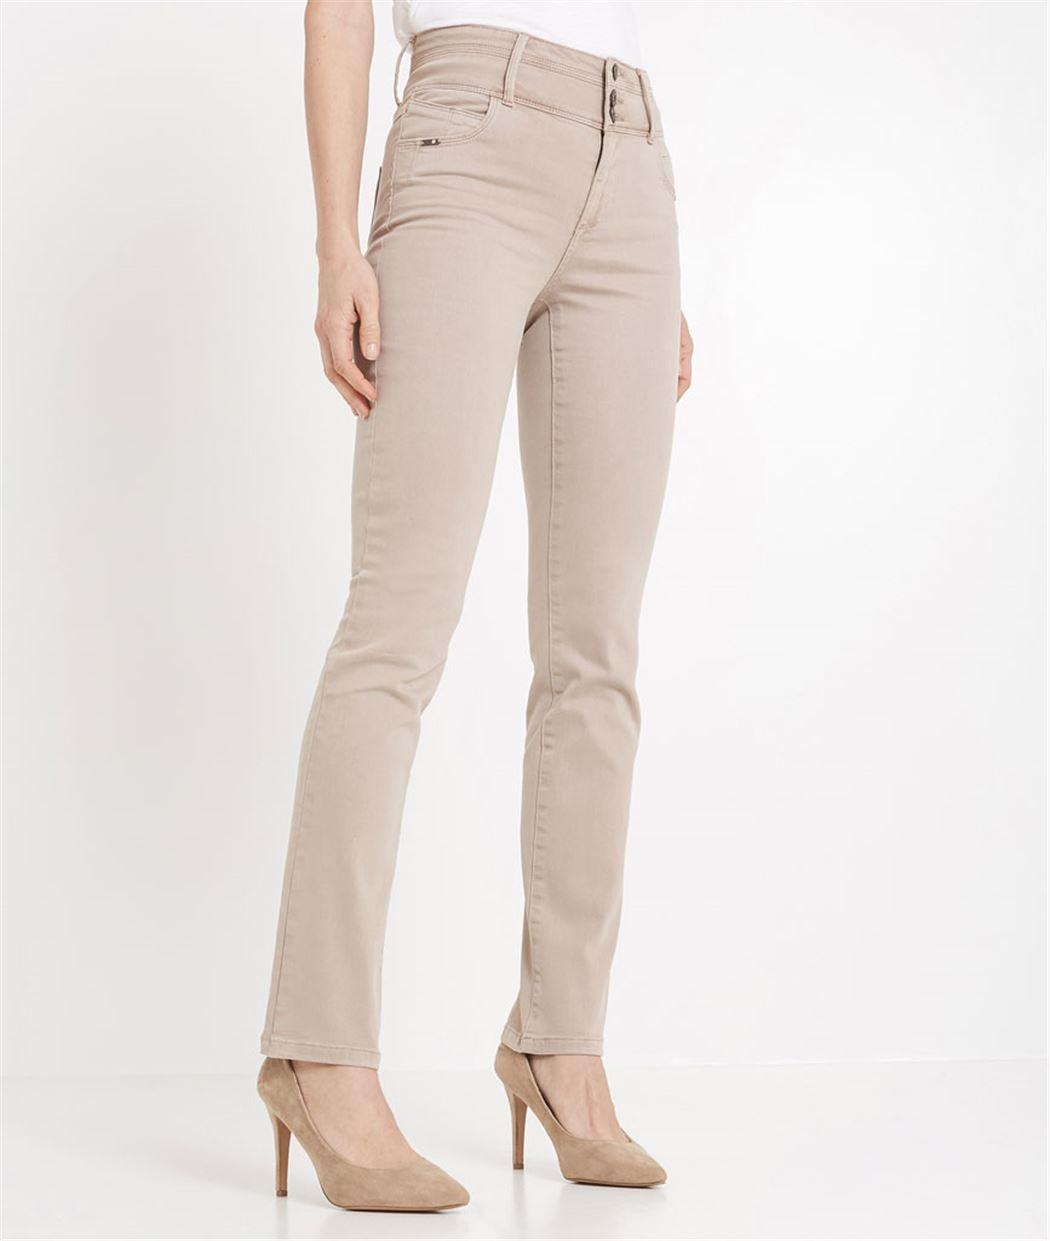 Pantalon femme droit taille haute BEIGE